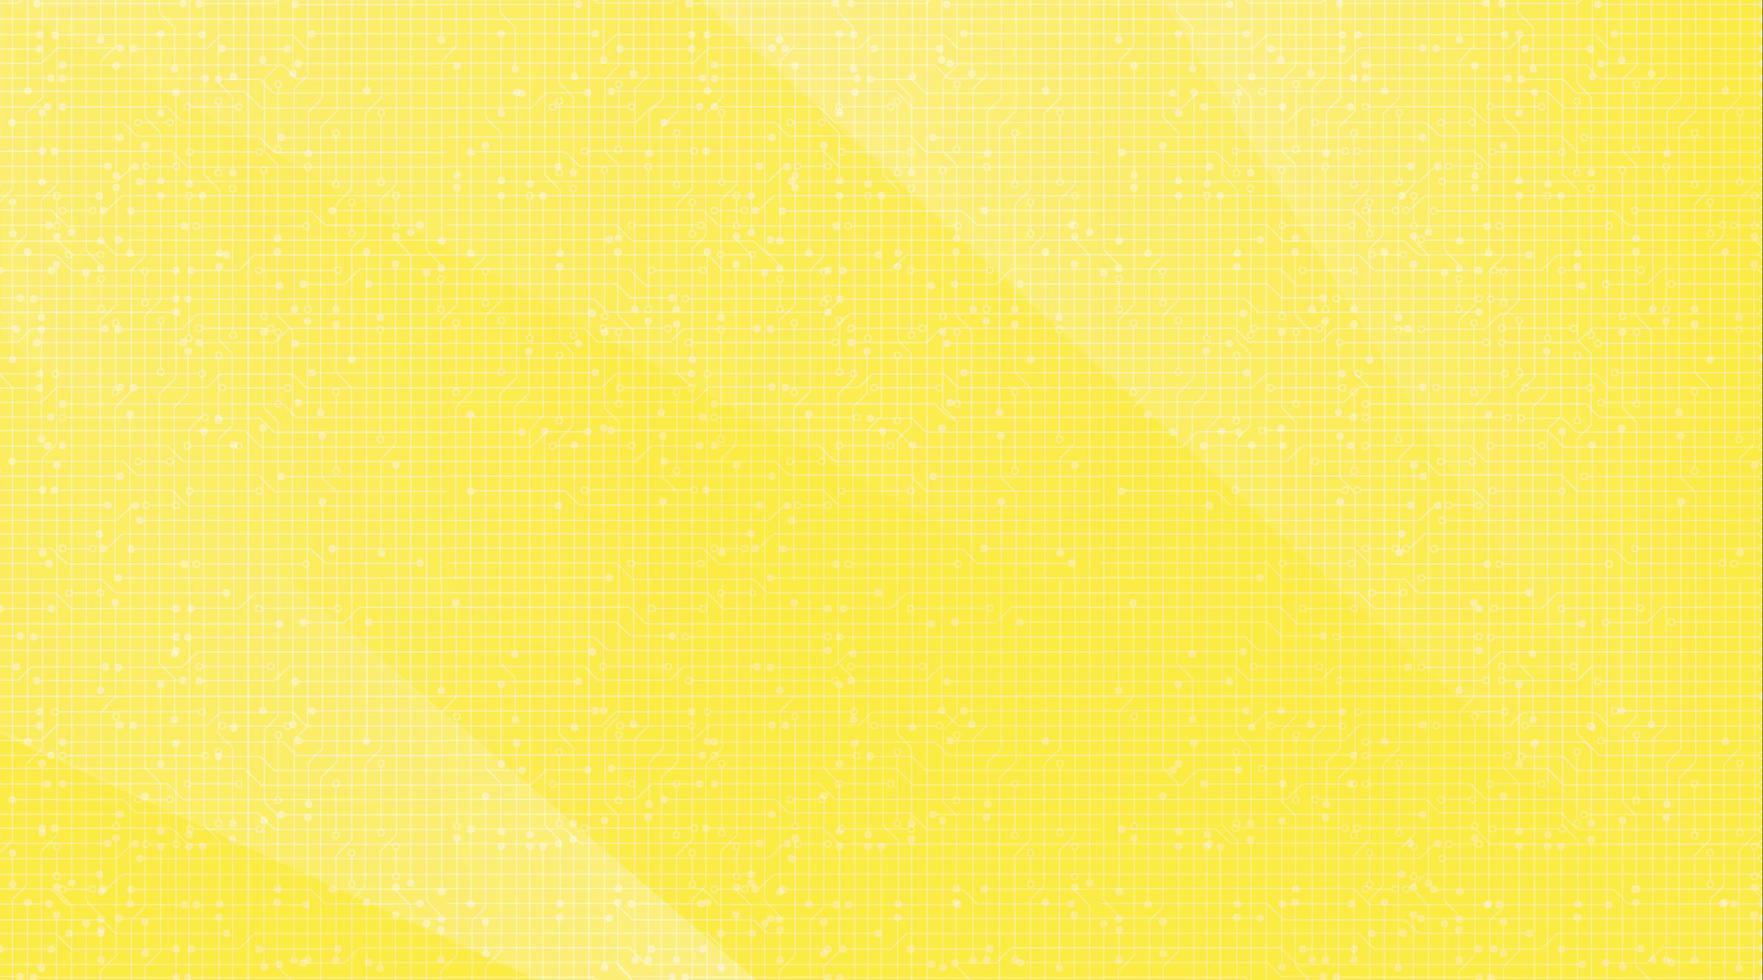 classico sfondo giallo tecnologia, hi tech e hardware concept design, spazio libero per il testo in put, illustrazione vettoriale. vettore